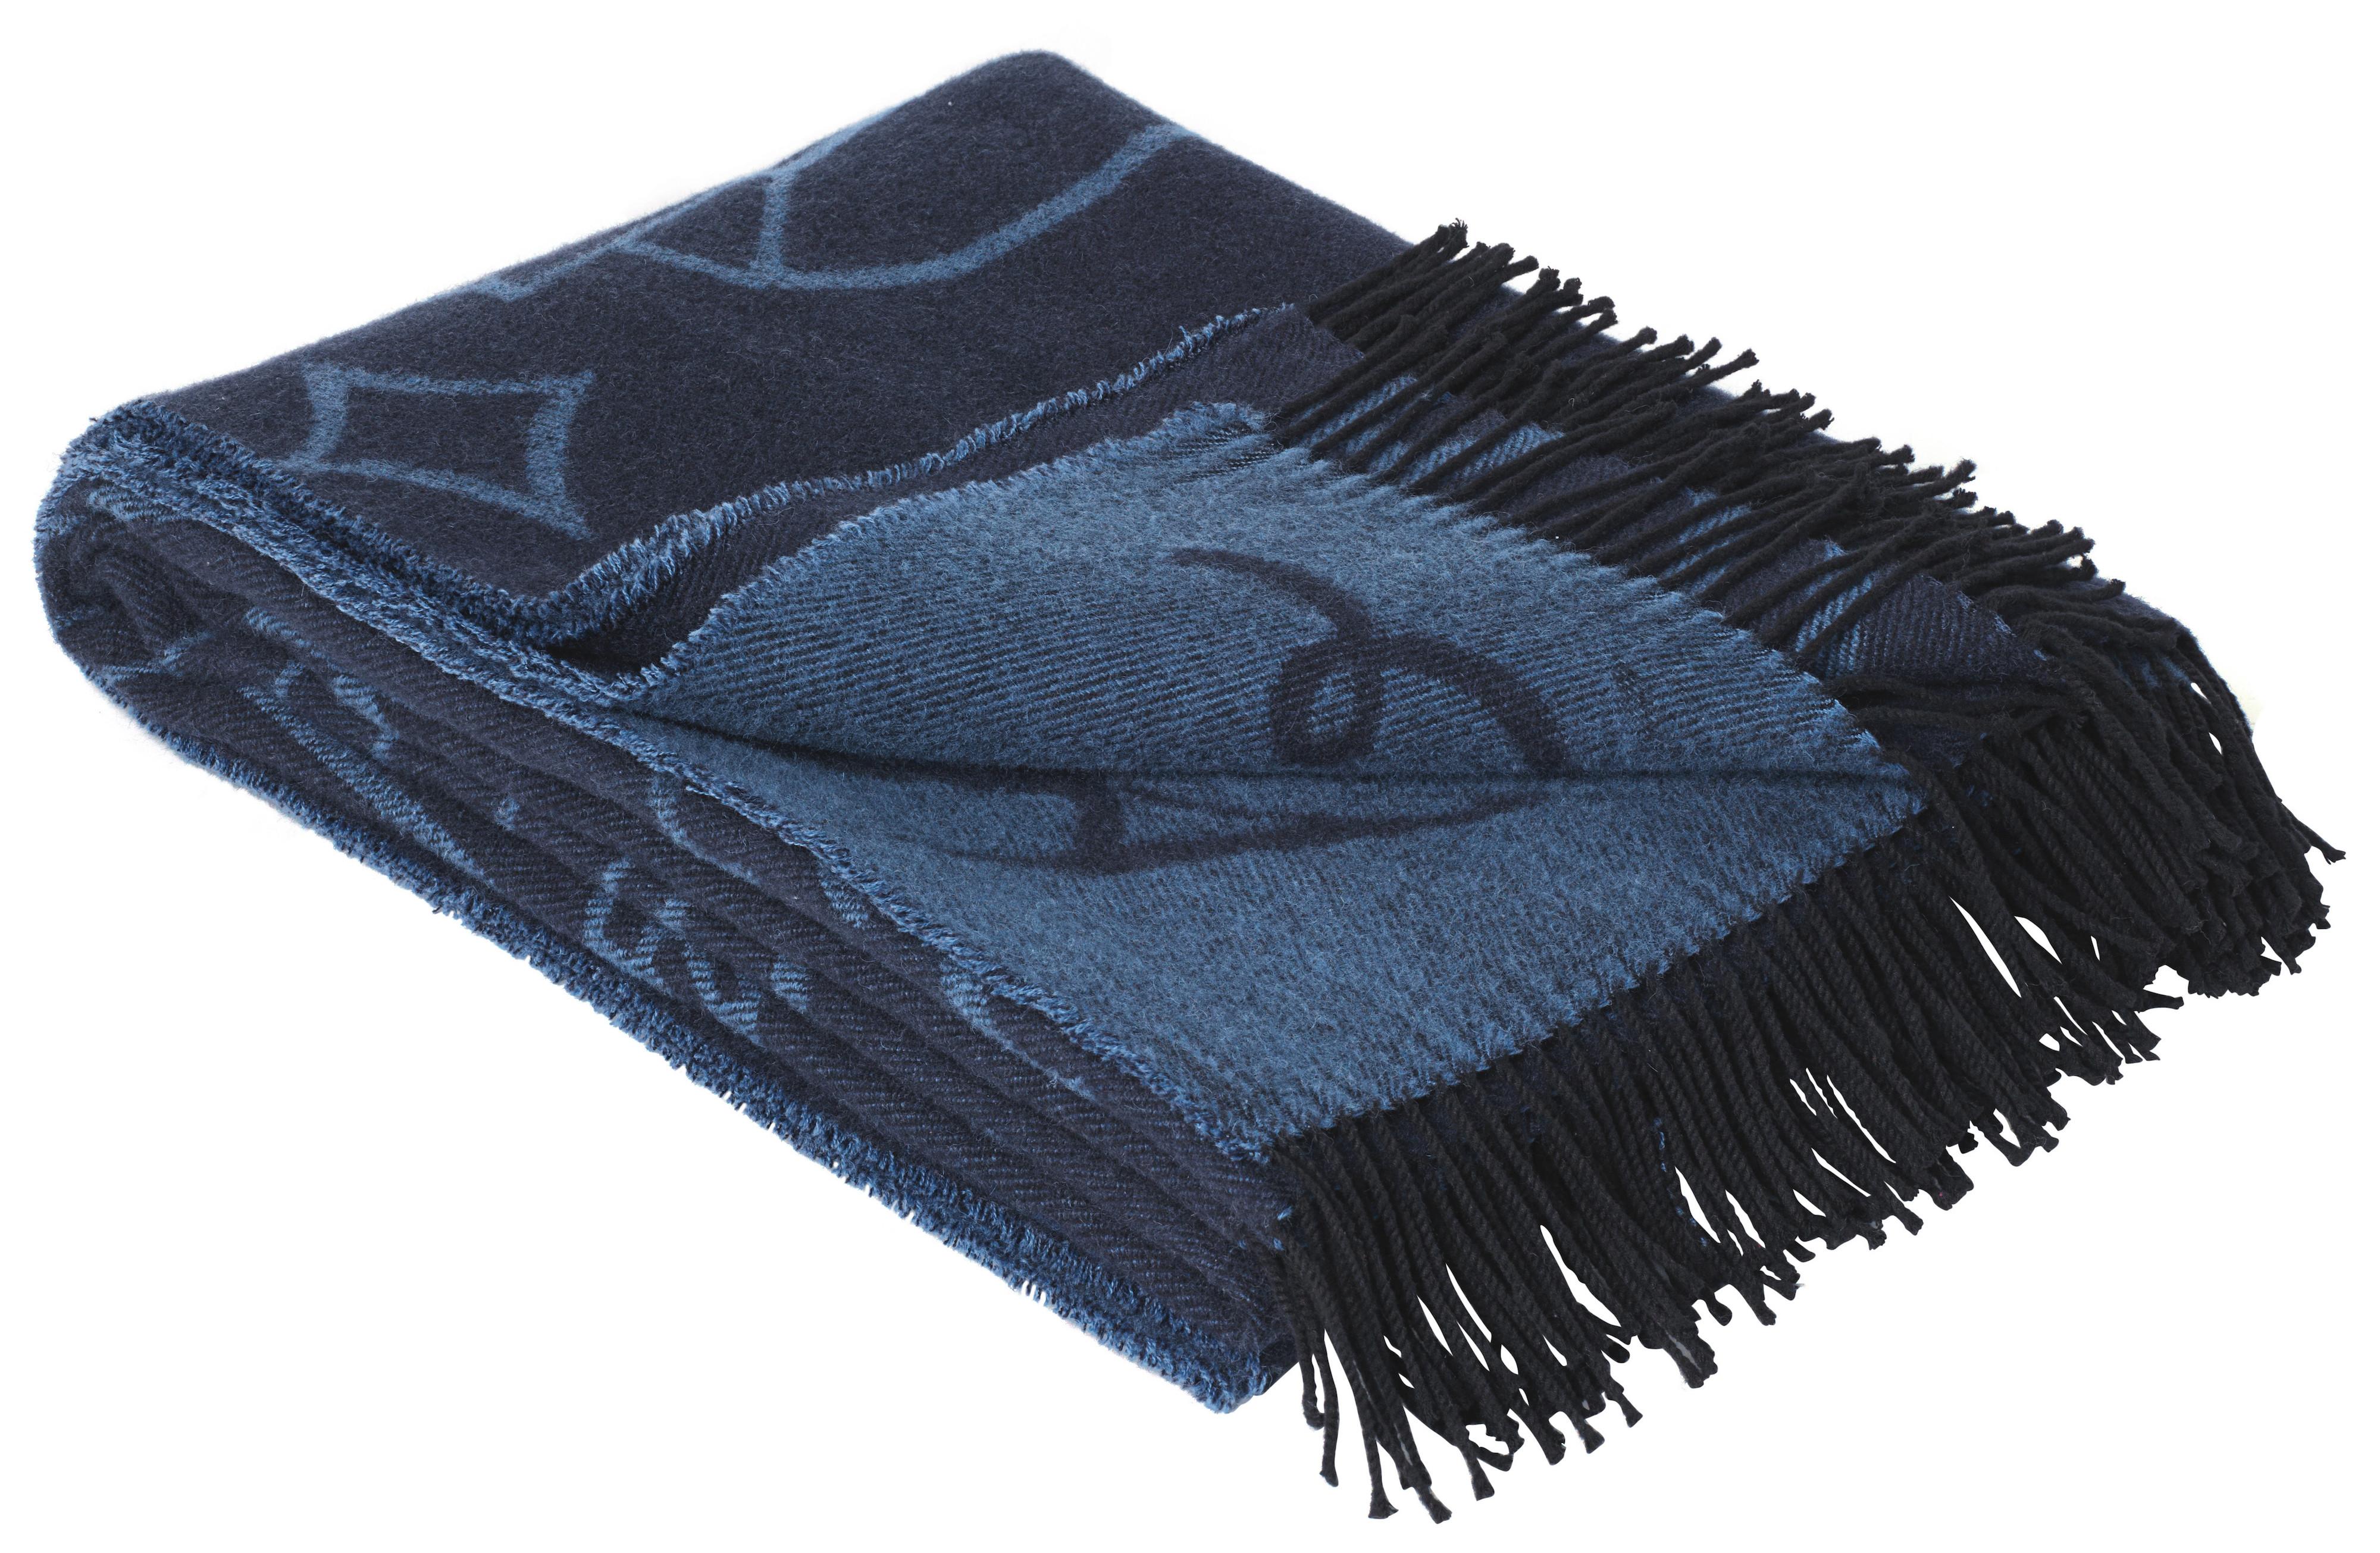 canape lit geneve: swiss bedding medflex. - Boutique Design Scandinave Meubles